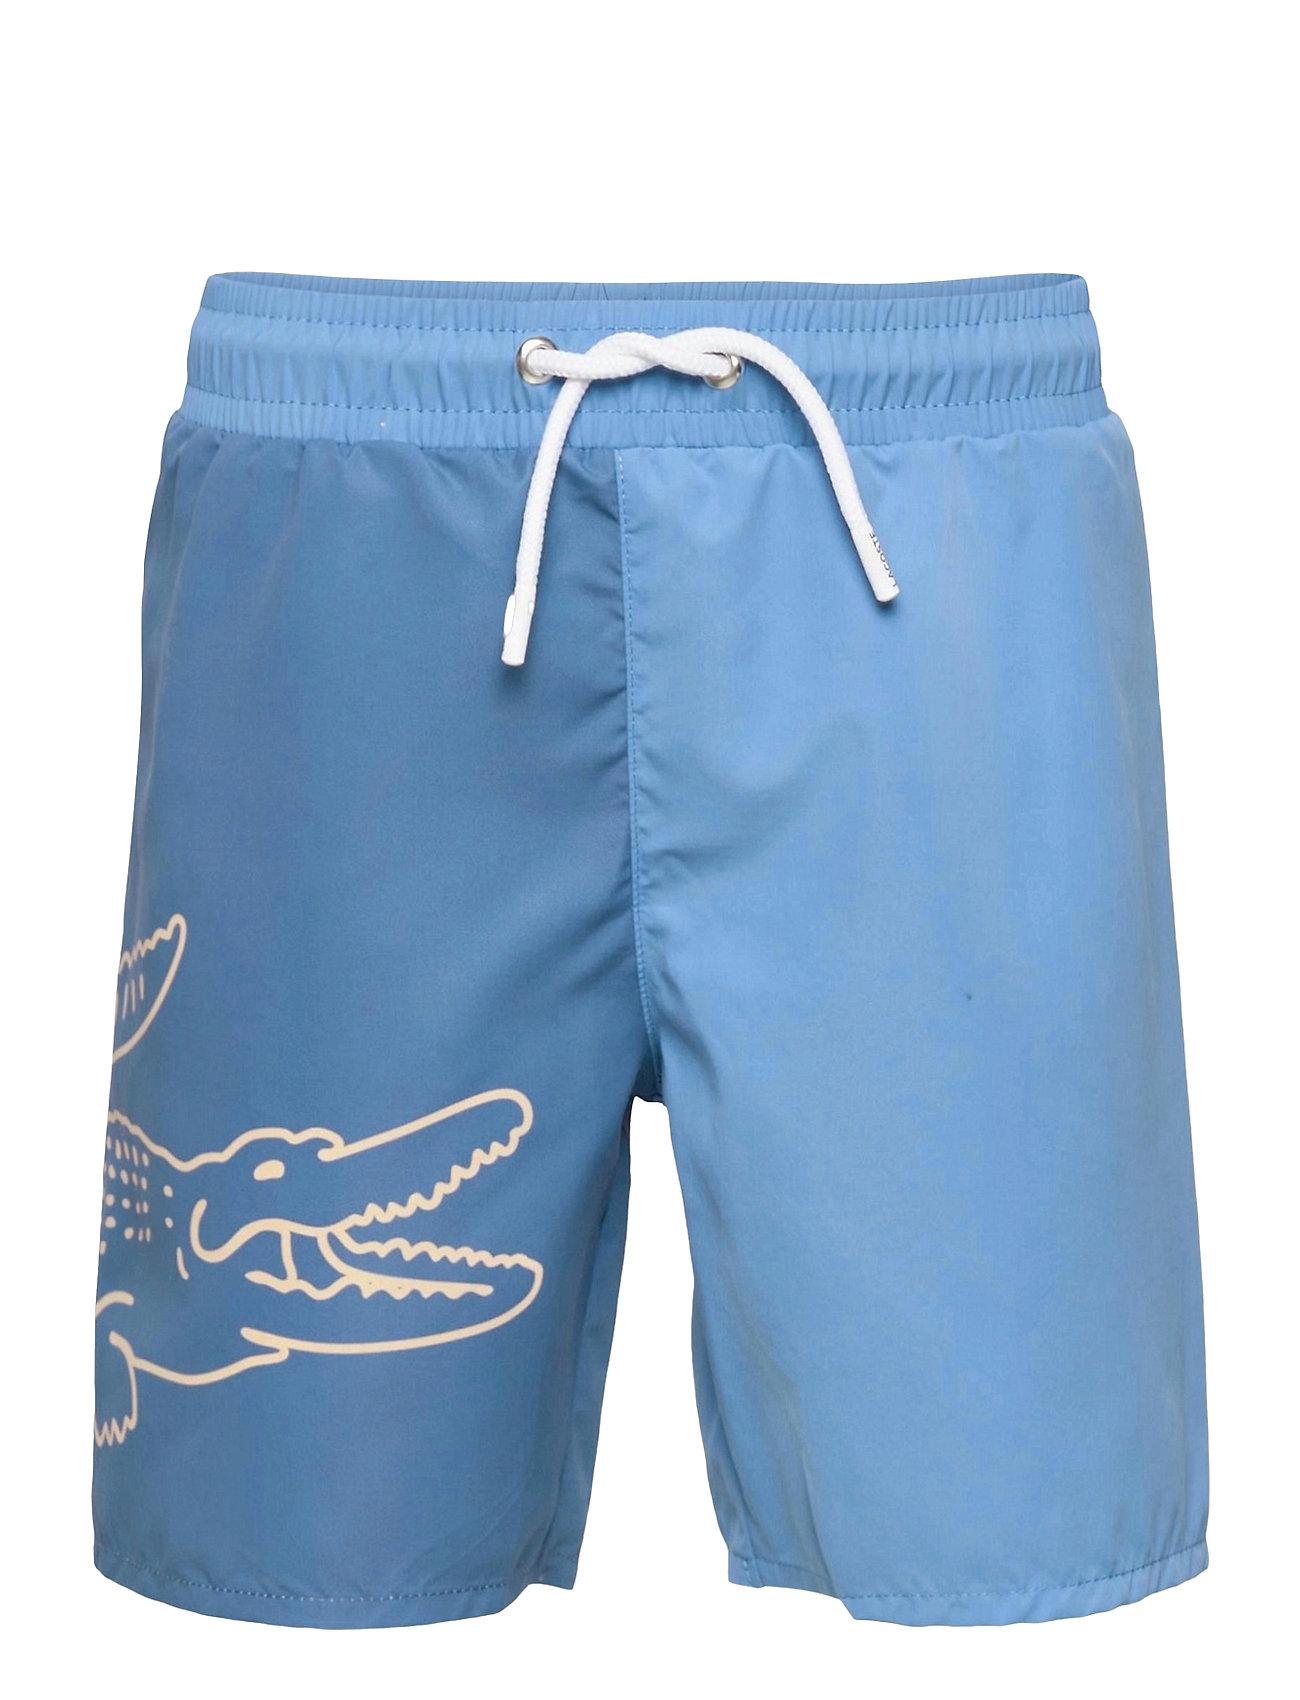 Children Swimsuit Badeshorts Blå Lacoste